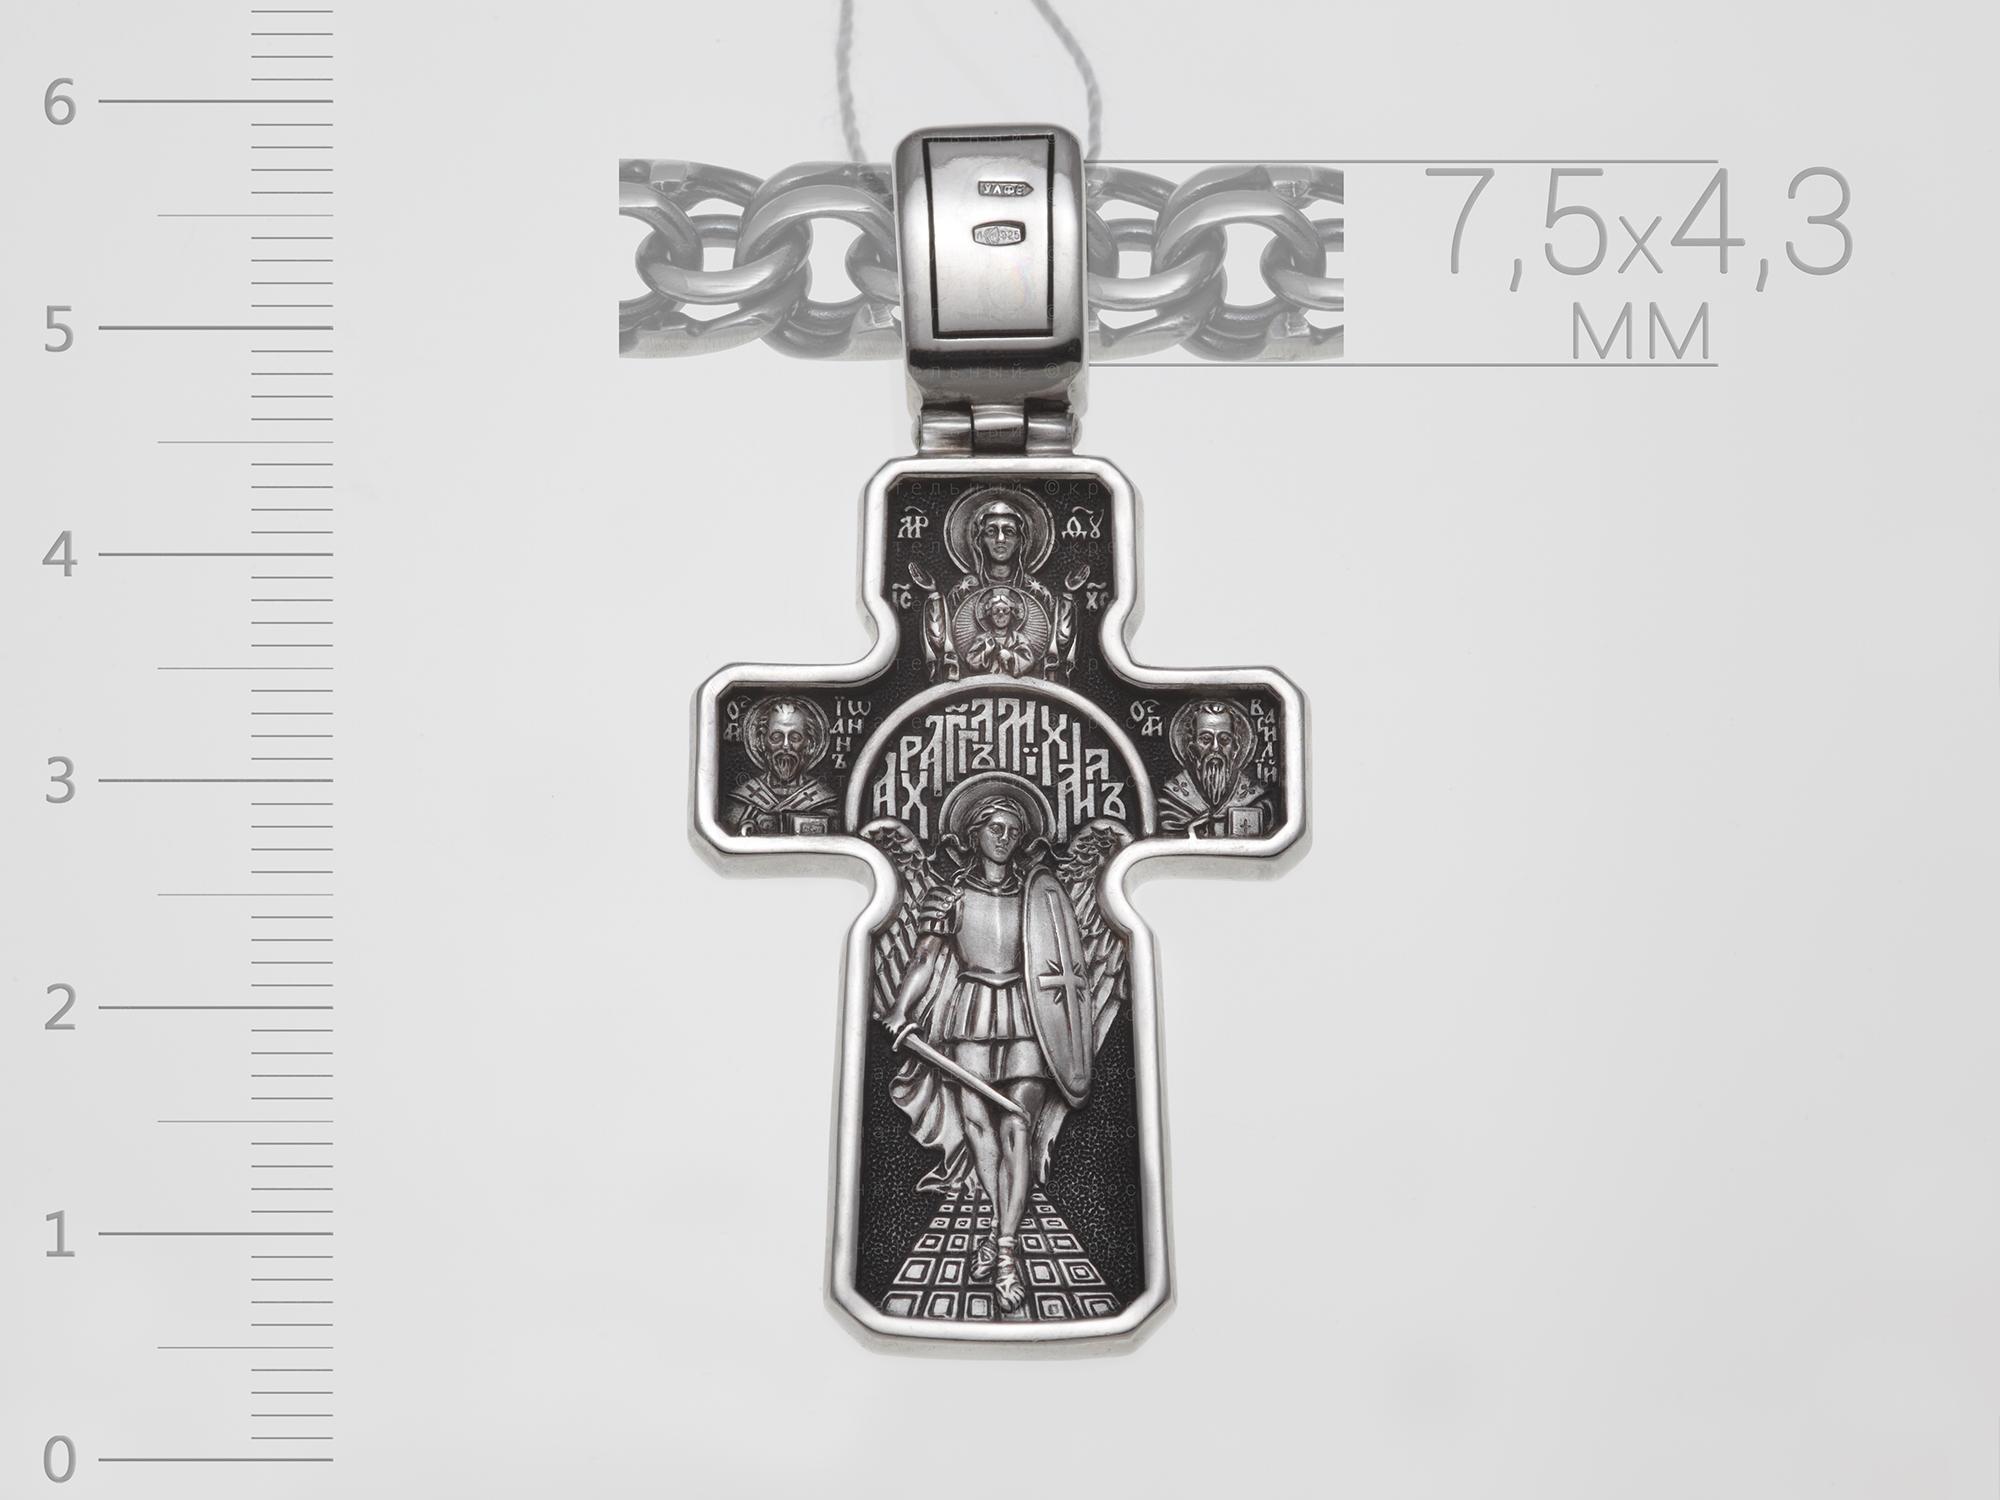 38375, Распятие Христово. Архангел Михаил. Святители Иоанн Златоуст и Василий Великий. Икона Божией Матери Знамение. Православный крест.